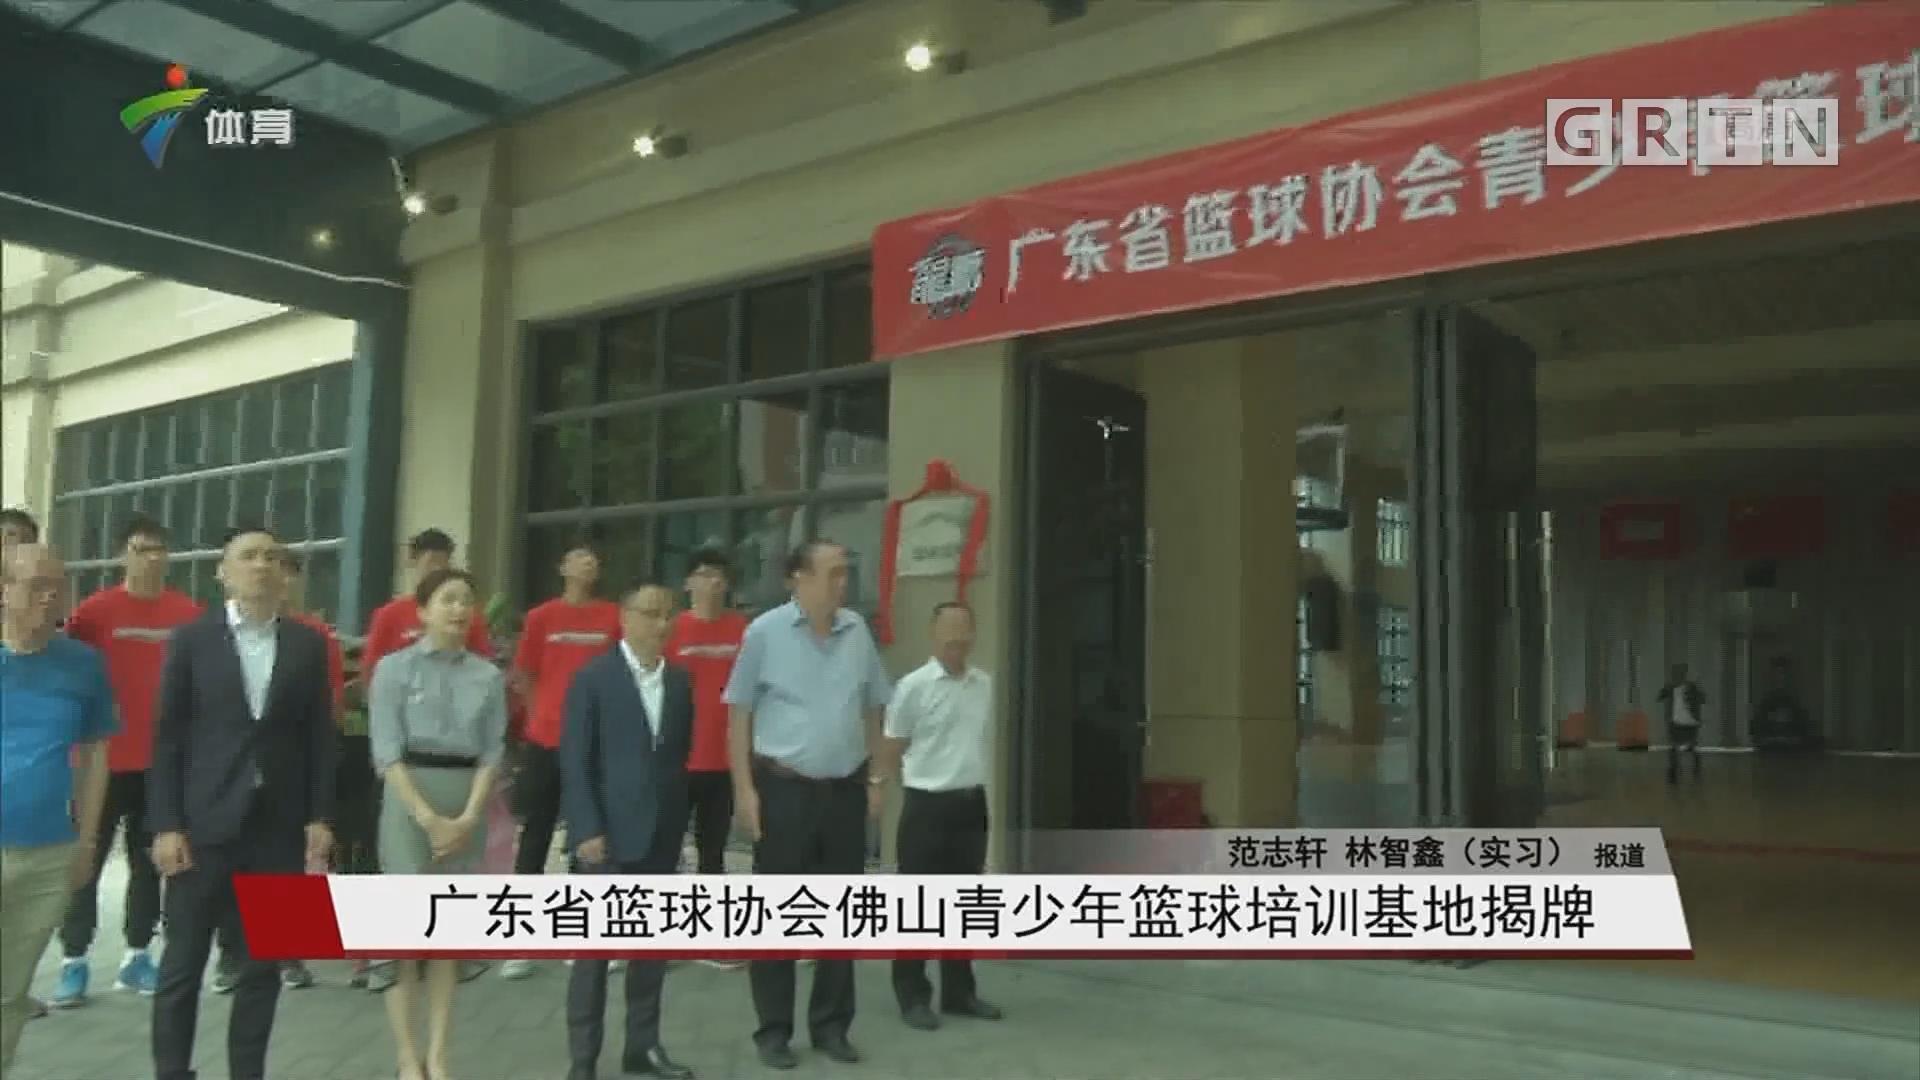 广东省篮球协会佛山青少年篮球培训基地揭牌